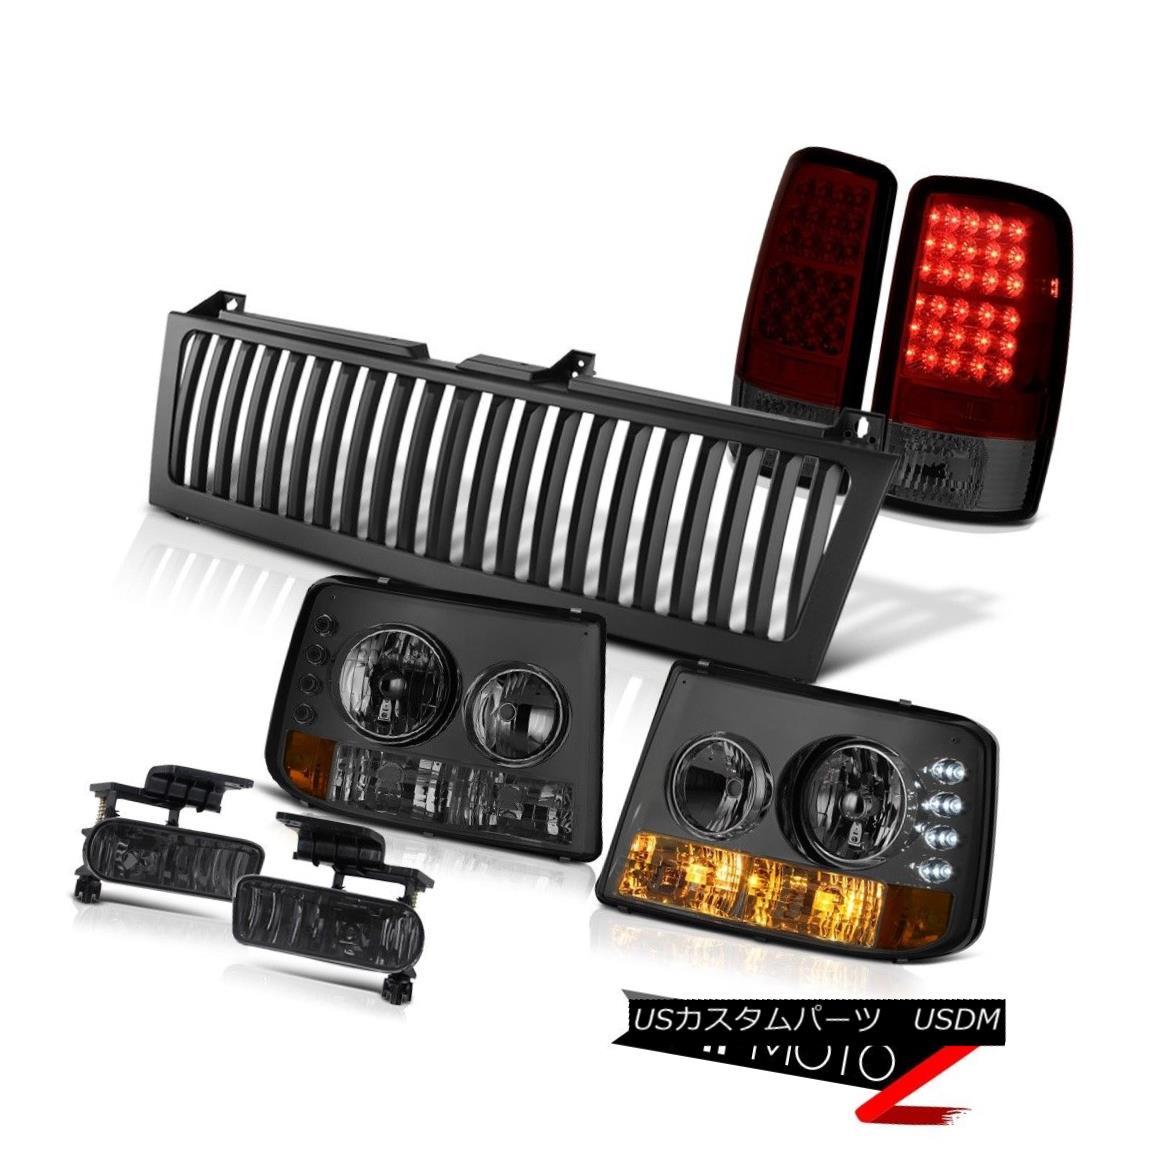 ヘッドライト 00-06 Tahoe Tinted Parking Headlamp Signal Brake Tail Light LED Black Fog Grille 00-06 Tahoe Tinted Parkingヘッドランプ信号ブレーキテールライトLED Black Fog Grille